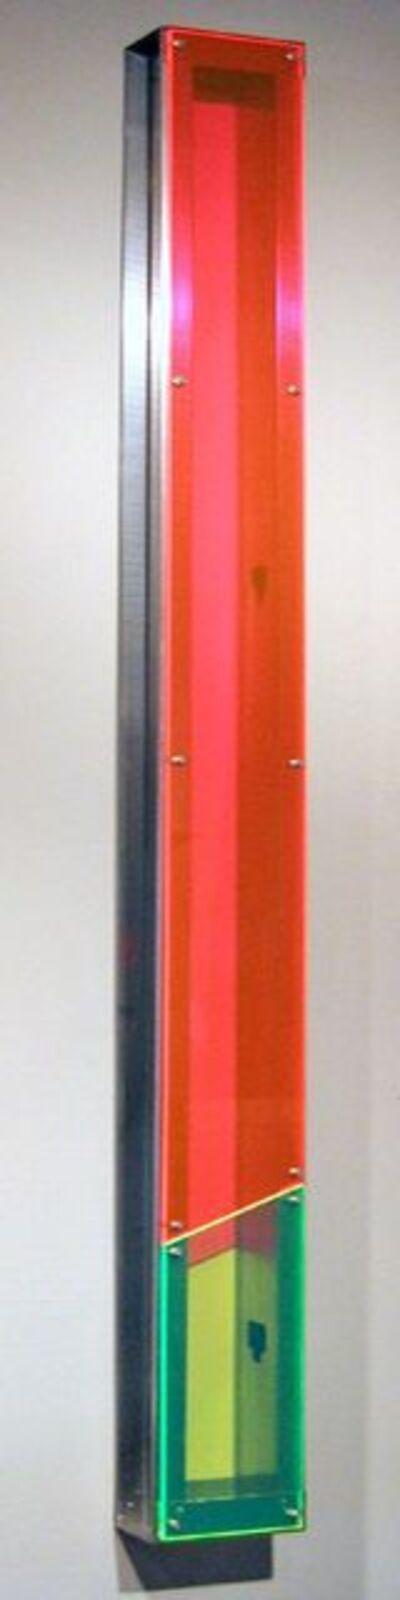 Tom Hollenback, 'Slip Column', 2007